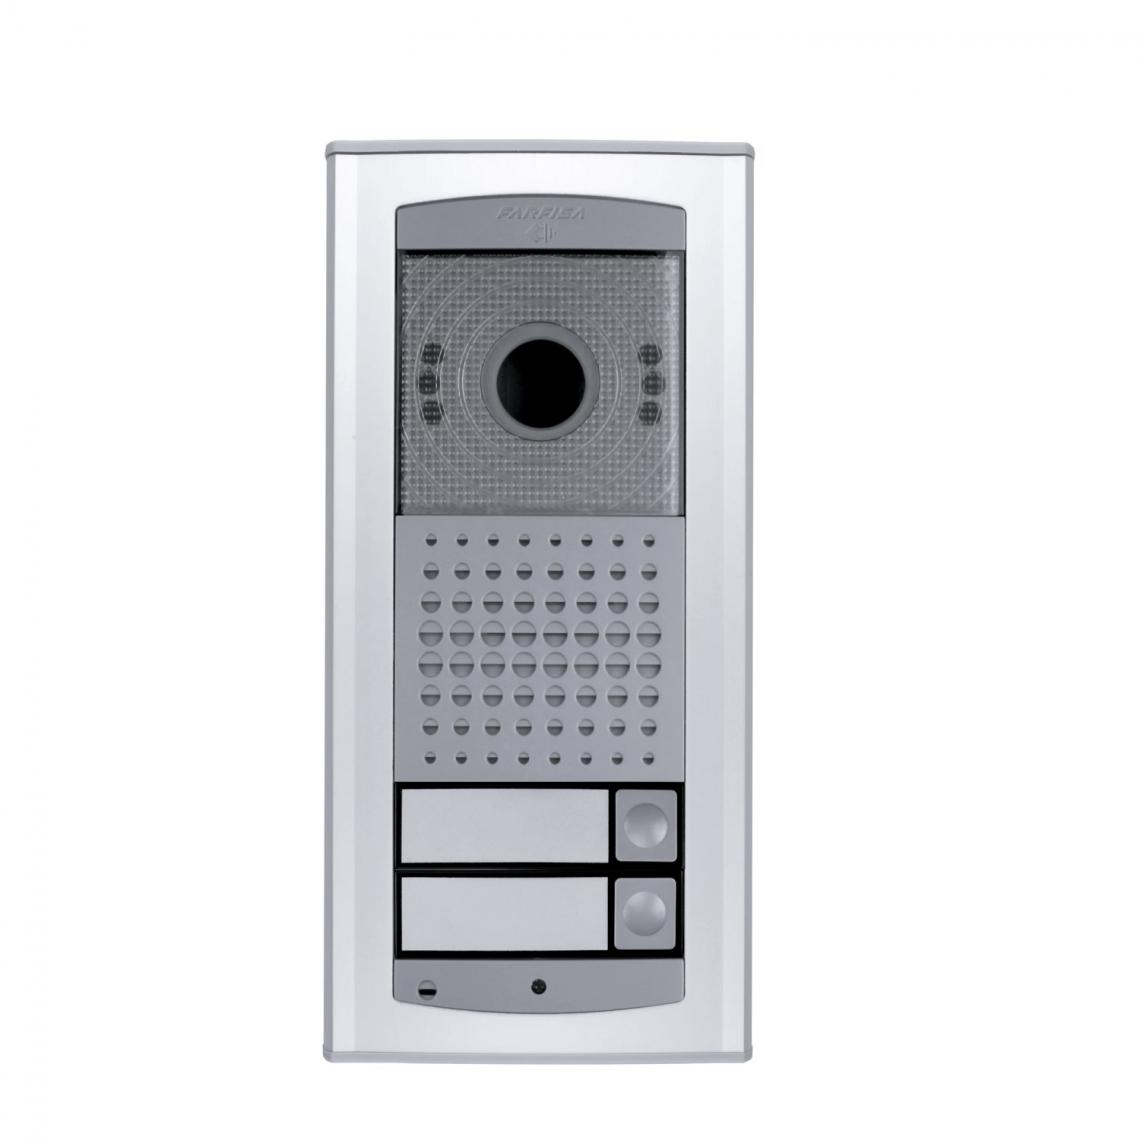 Posto esterno Agorà IP 2 pulsanti - IPV12AGL